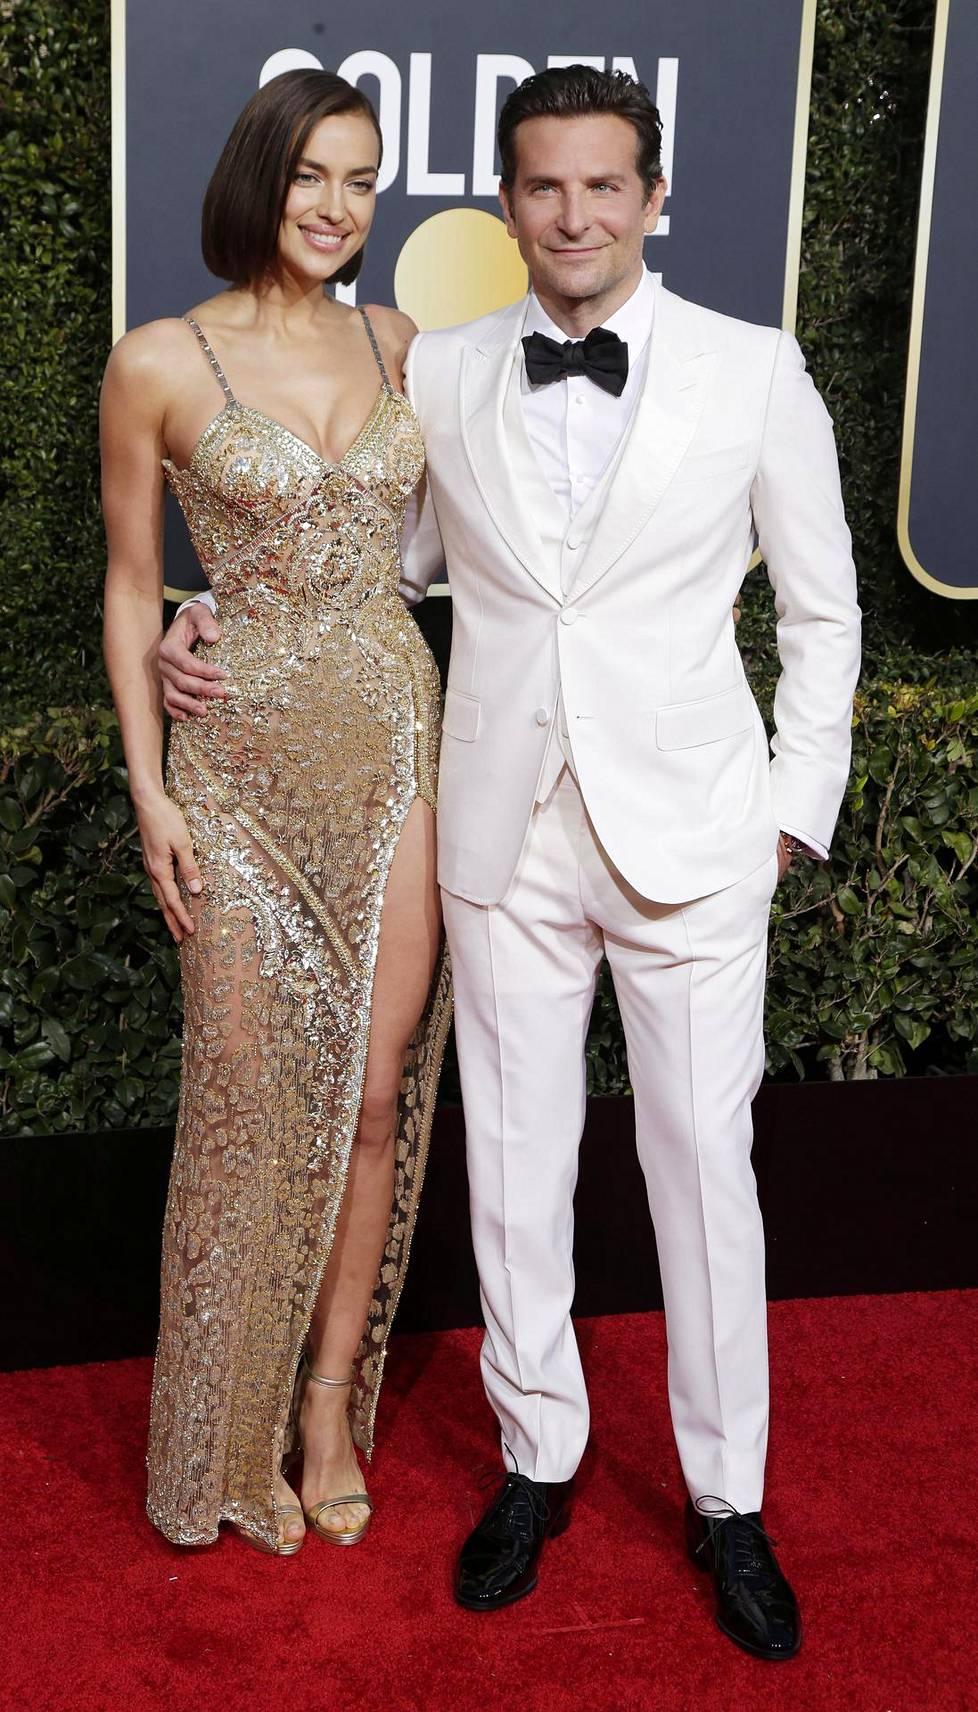 Huippumalli Irina Shayk miehensä Bradley Cooperin kanssa. Shayk'n kullanhohtoisen luomuksen halkio kipusi korkealle, Cooper taas valitsi ylleen valkoista.